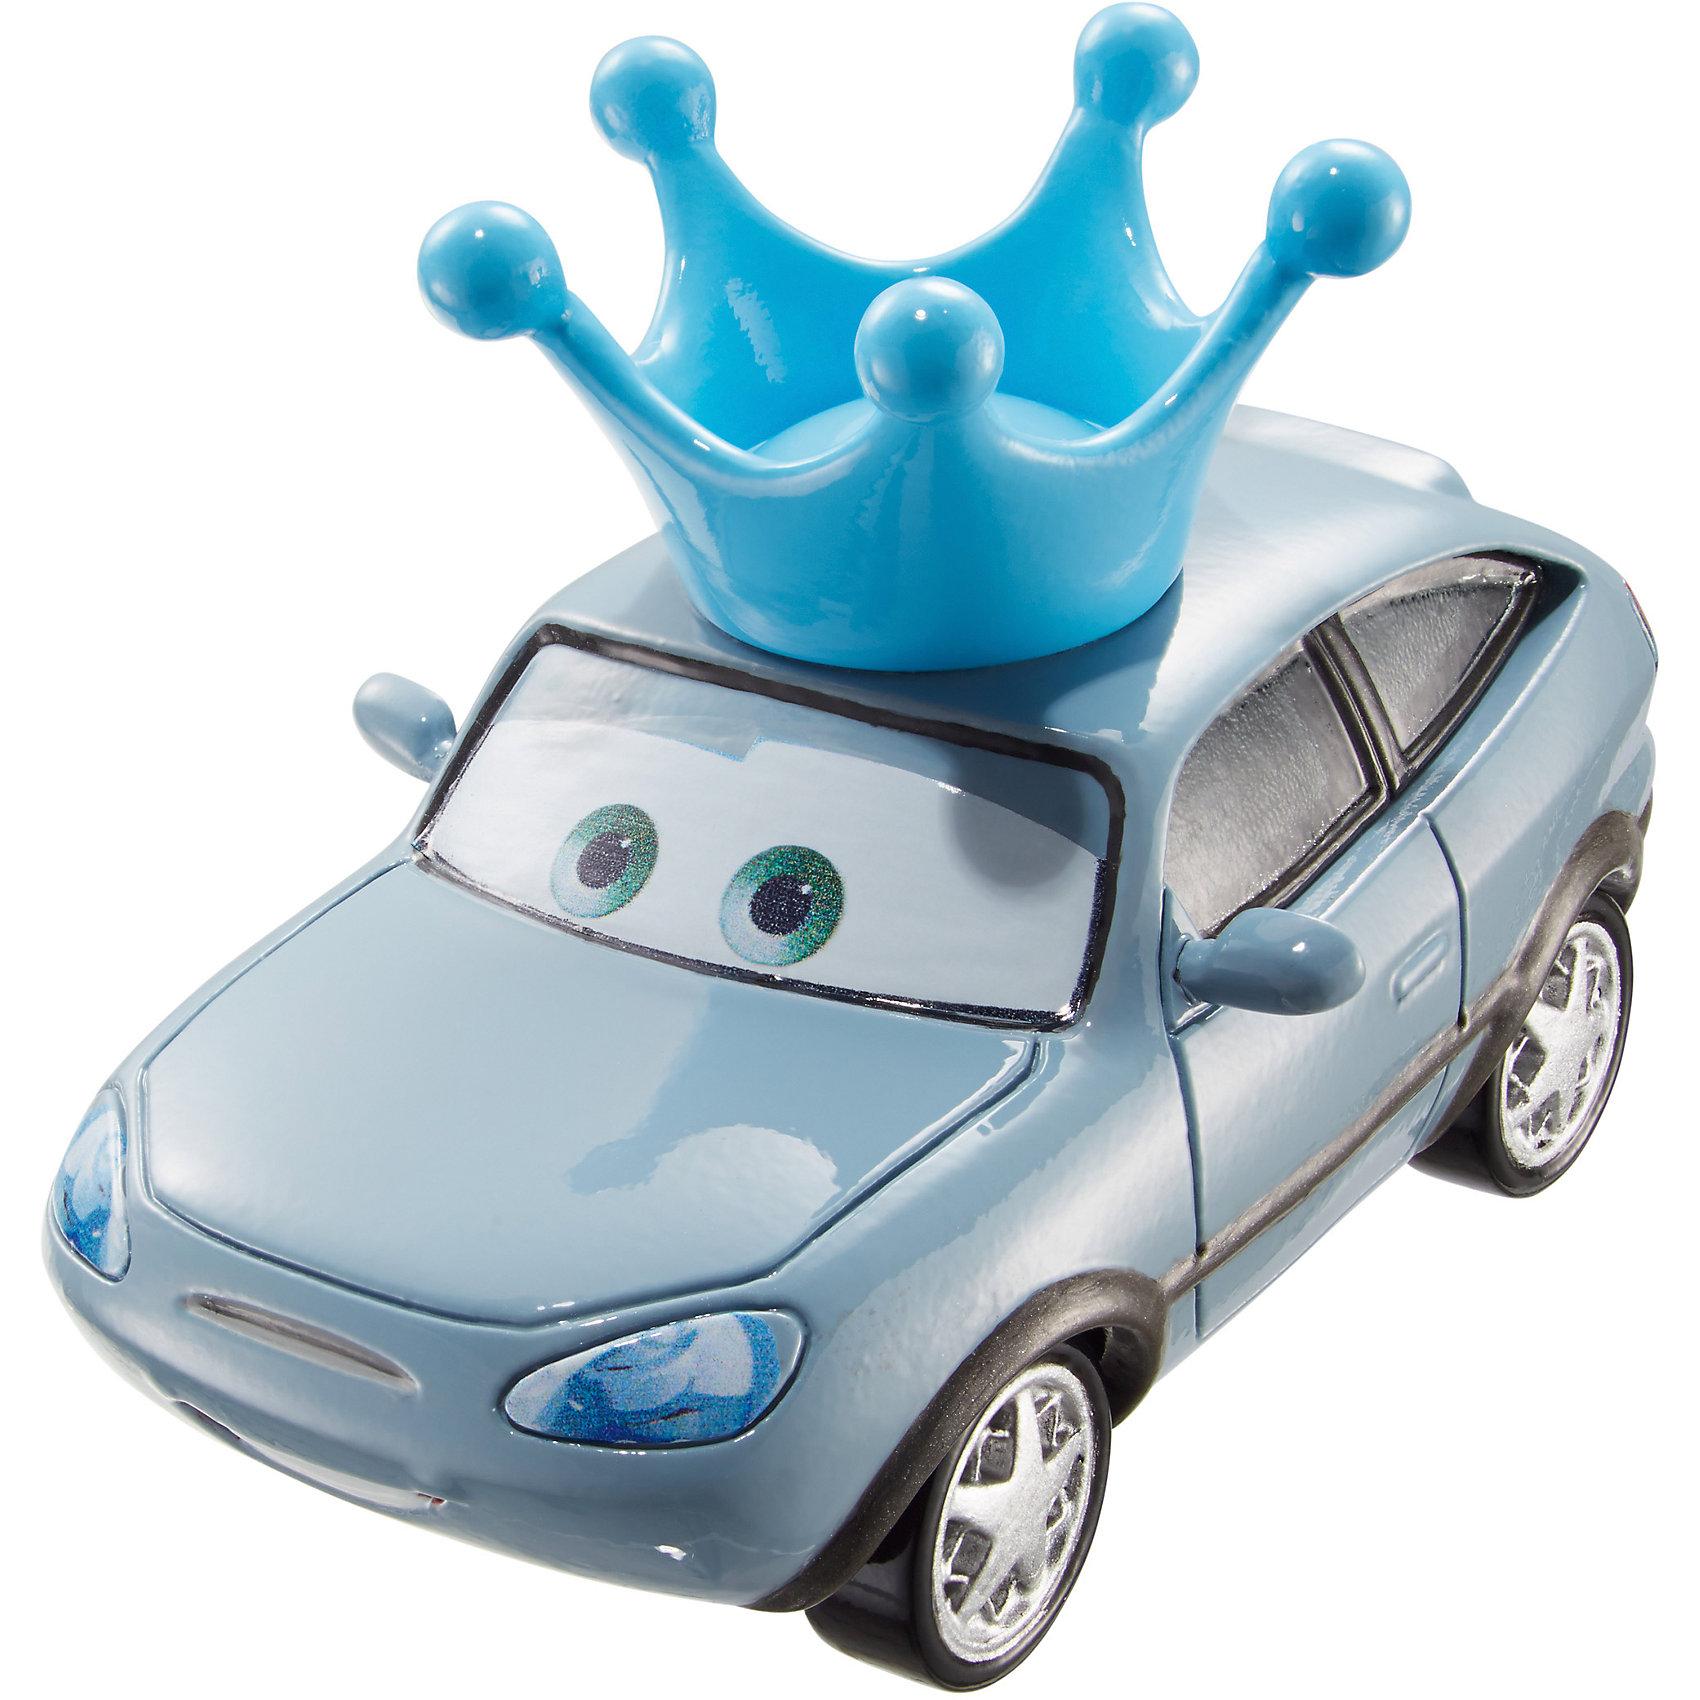 Литая машинка, Тачки-2Тачки Игрушки<br>Литая машинка Делюкс от компании «Mattel» выполнена в виде главного персонажа мультфильма «Тачки 2». Изготовленная из металла в масштабе 1:55 игрушка отличается высокой степенью детализации и качеством исполнения. Завладев несколькими моделями, малыш сможет окунуться в любимый мультипликационный мир, устроить красочные показательные выступления среди машинок-киногероев.<br><br>Дополнительная информация:<br><br>- Материал: металл<br>- В упаковке: 1 шт.<br>- Размер машинки: 8 см.<br><br>Литую машинку, Тачки-2 можно купить в нашем магазине.<br><br>Ширина мм: 135<br>Глубина мм: 45<br>Высота мм: 160<br>Вес г: 80<br>Возраст от месяцев: 36<br>Возраст до месяцев: 72<br>Пол: Мужской<br>Возраст: Детский<br>SKU: 5146067